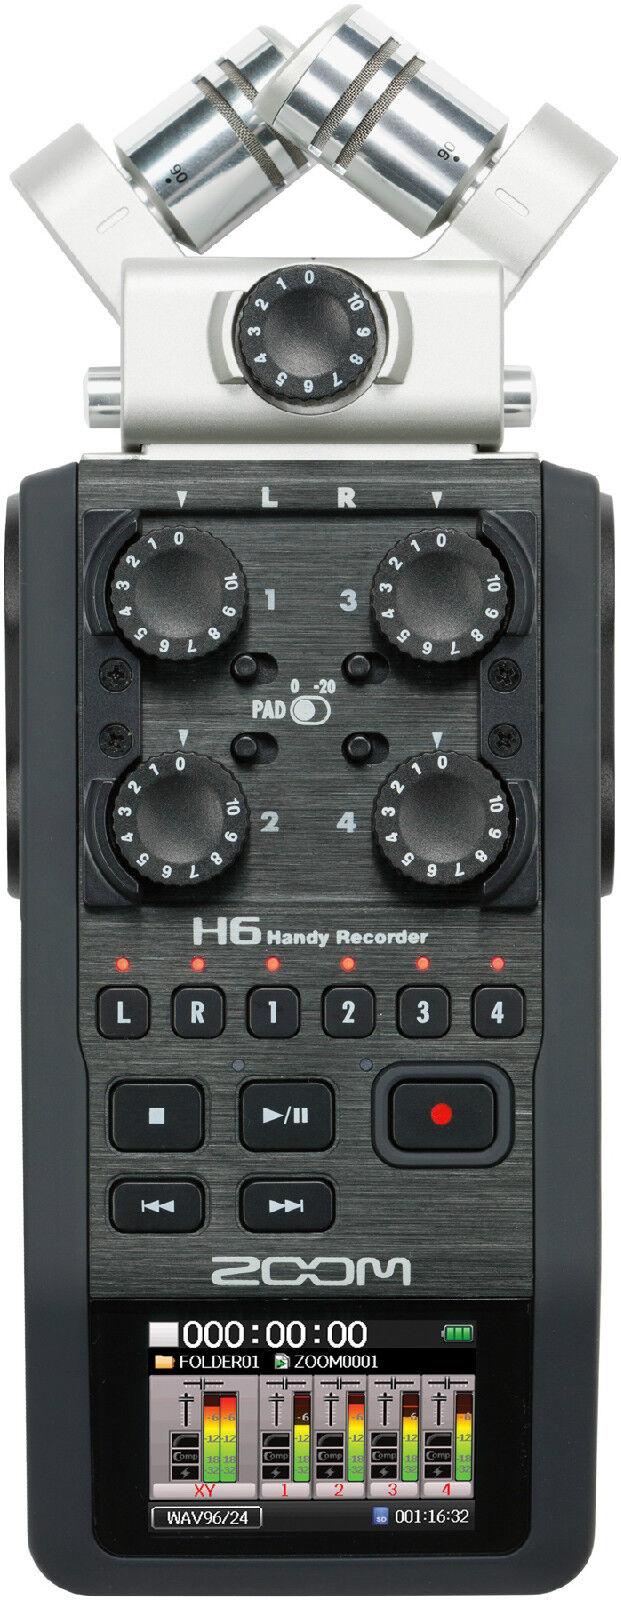 New Zoom H6 Handy Modular Field Recorder Auth Dealer Garantie Best Deal auf ebay